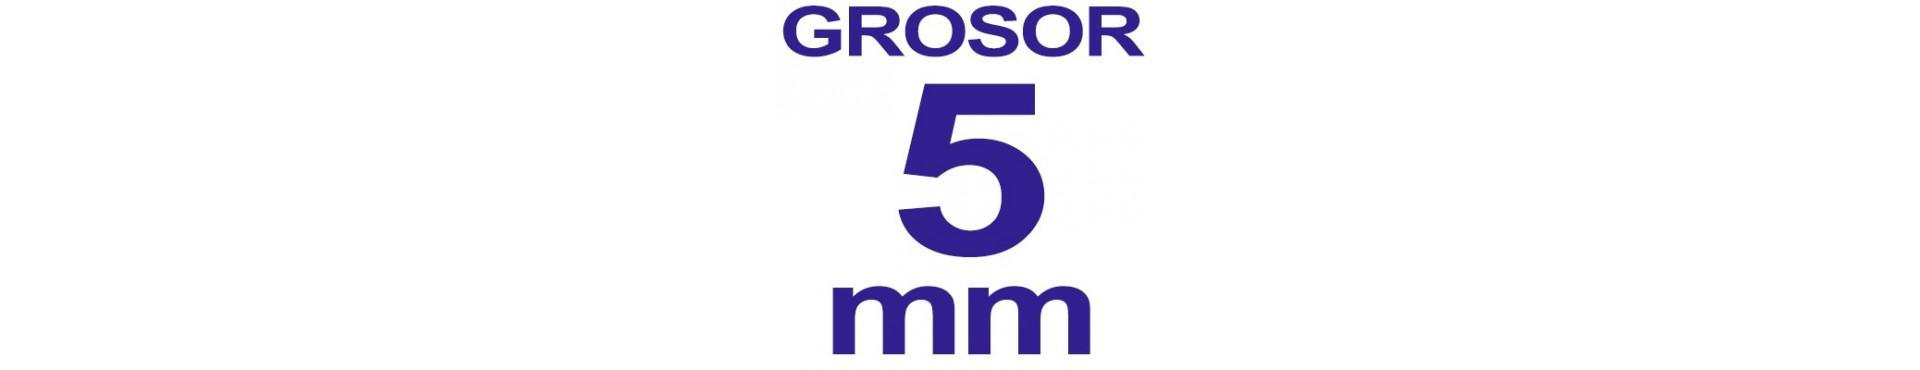 GROSOR: 5mm